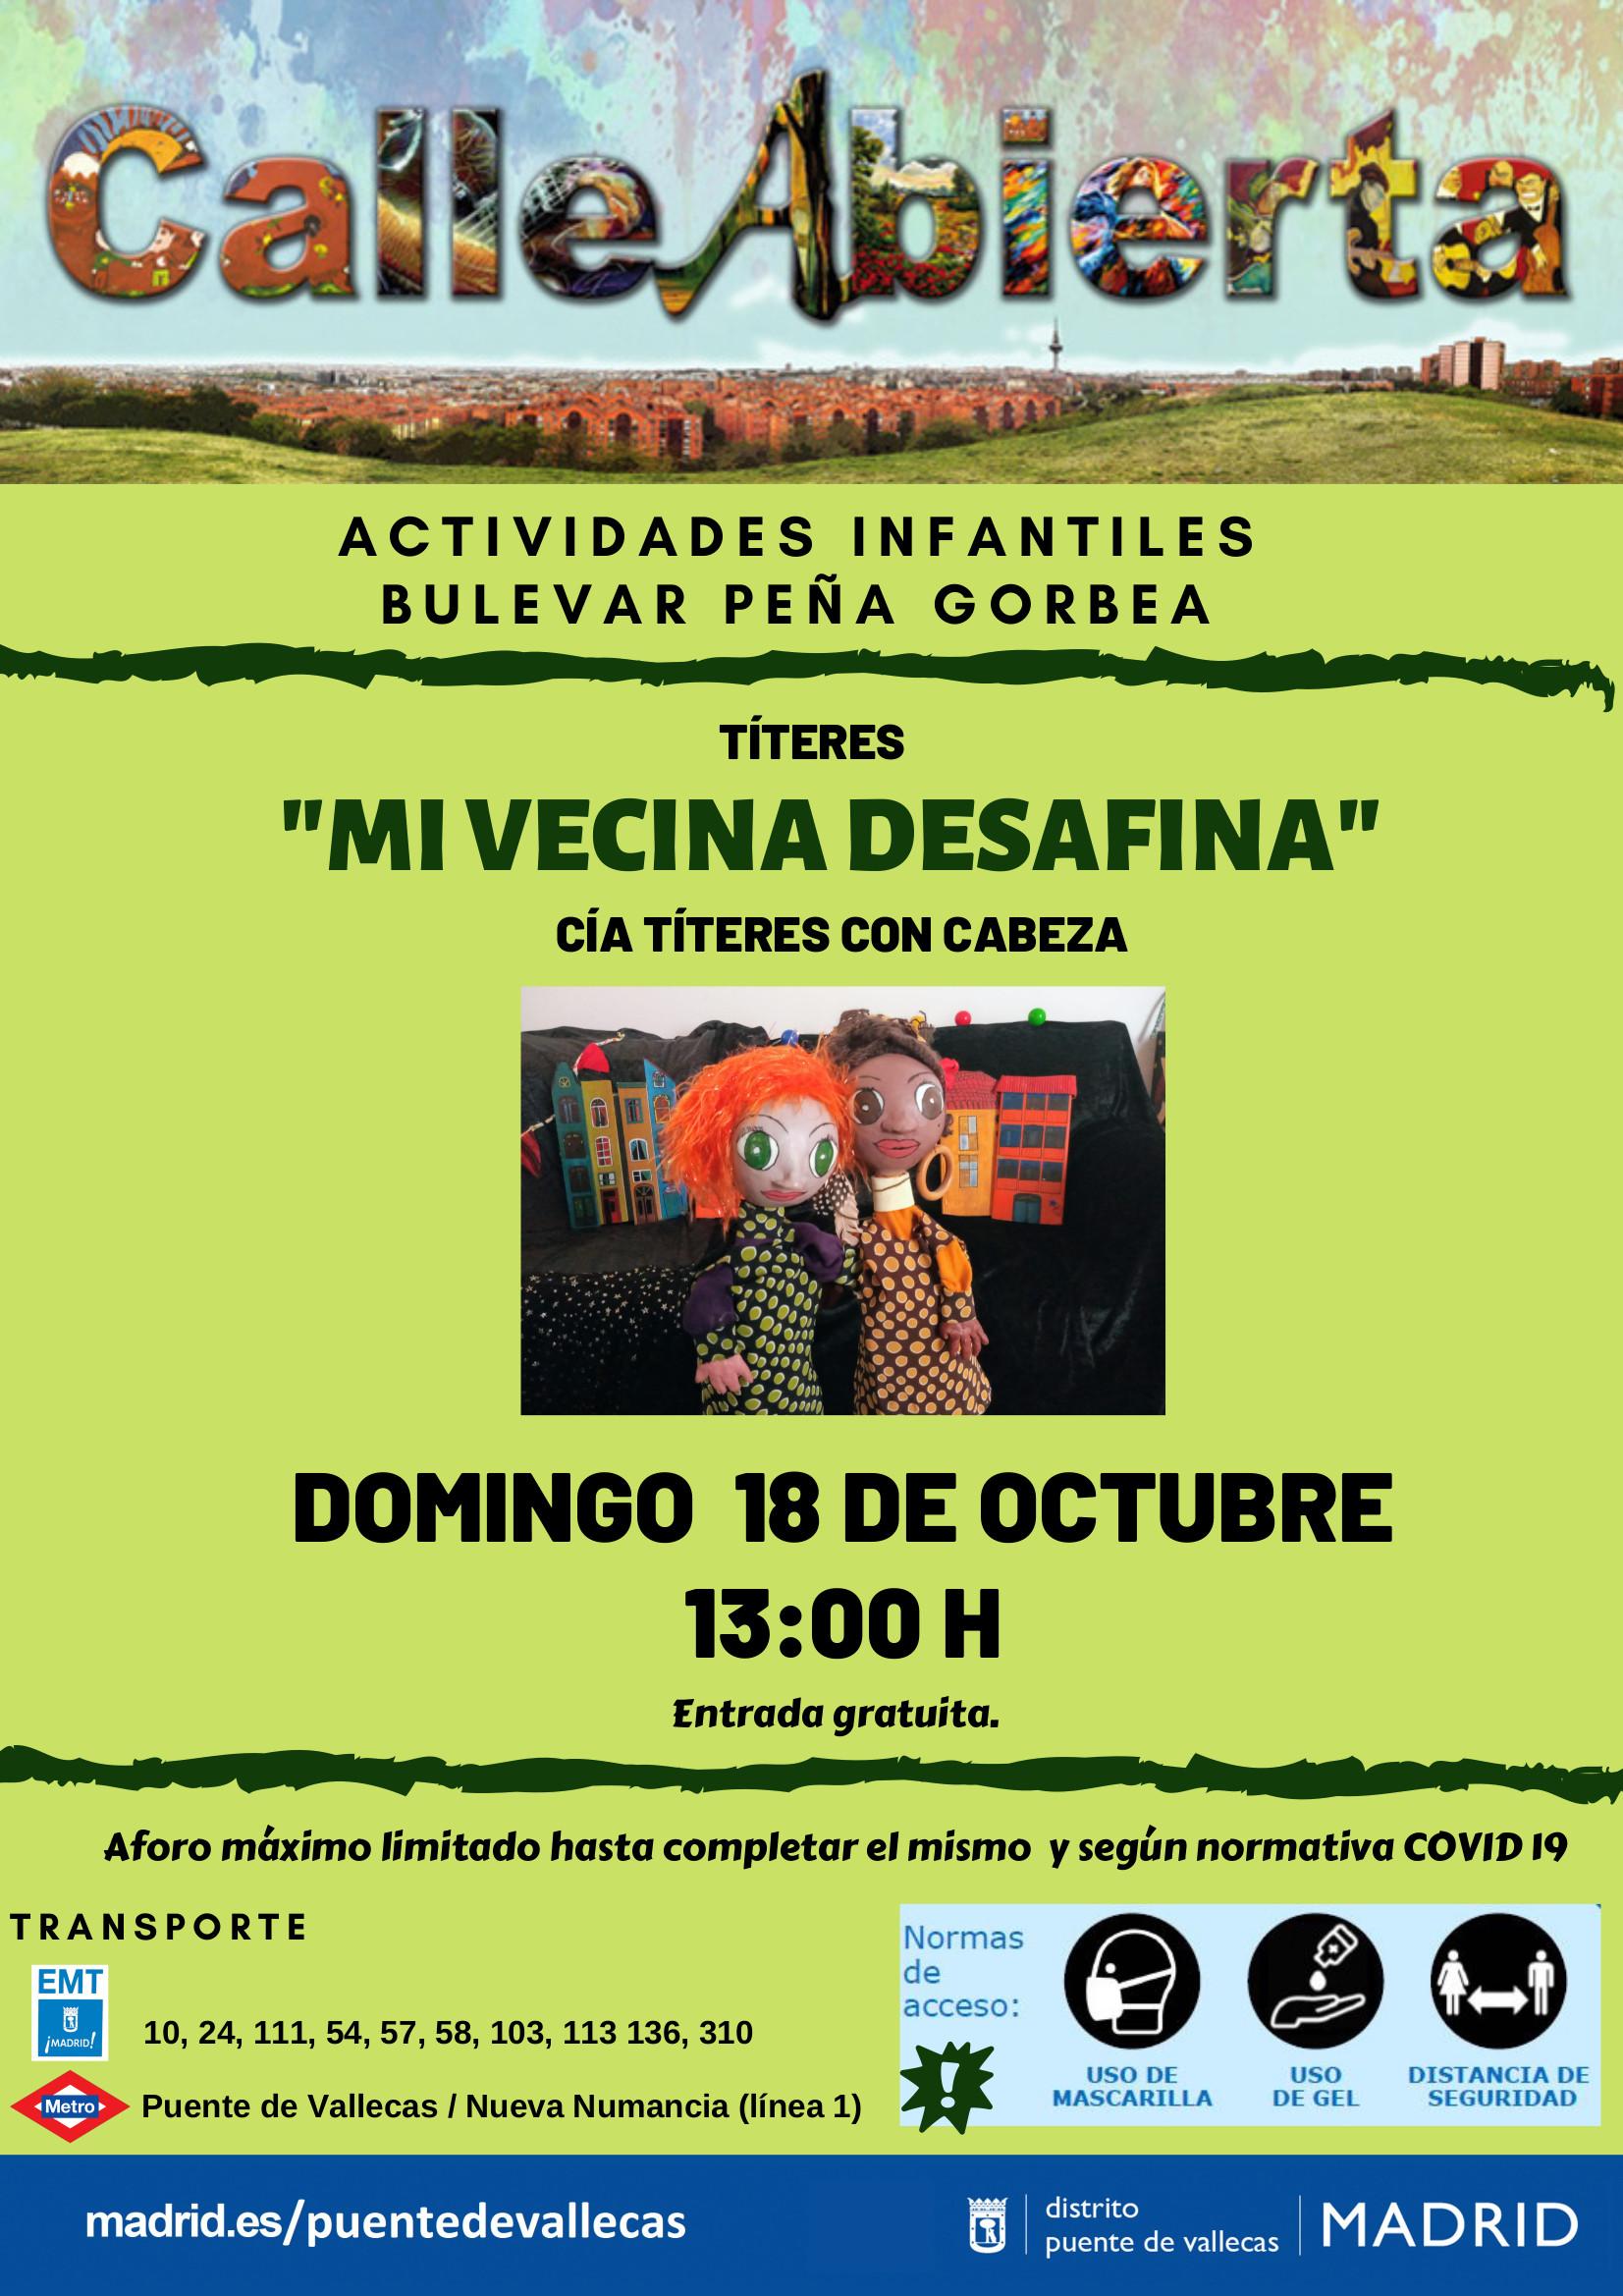 18´Octubre - MI VECINA DESAFINA - Calle abierta infantil Vallecas Bulevarte